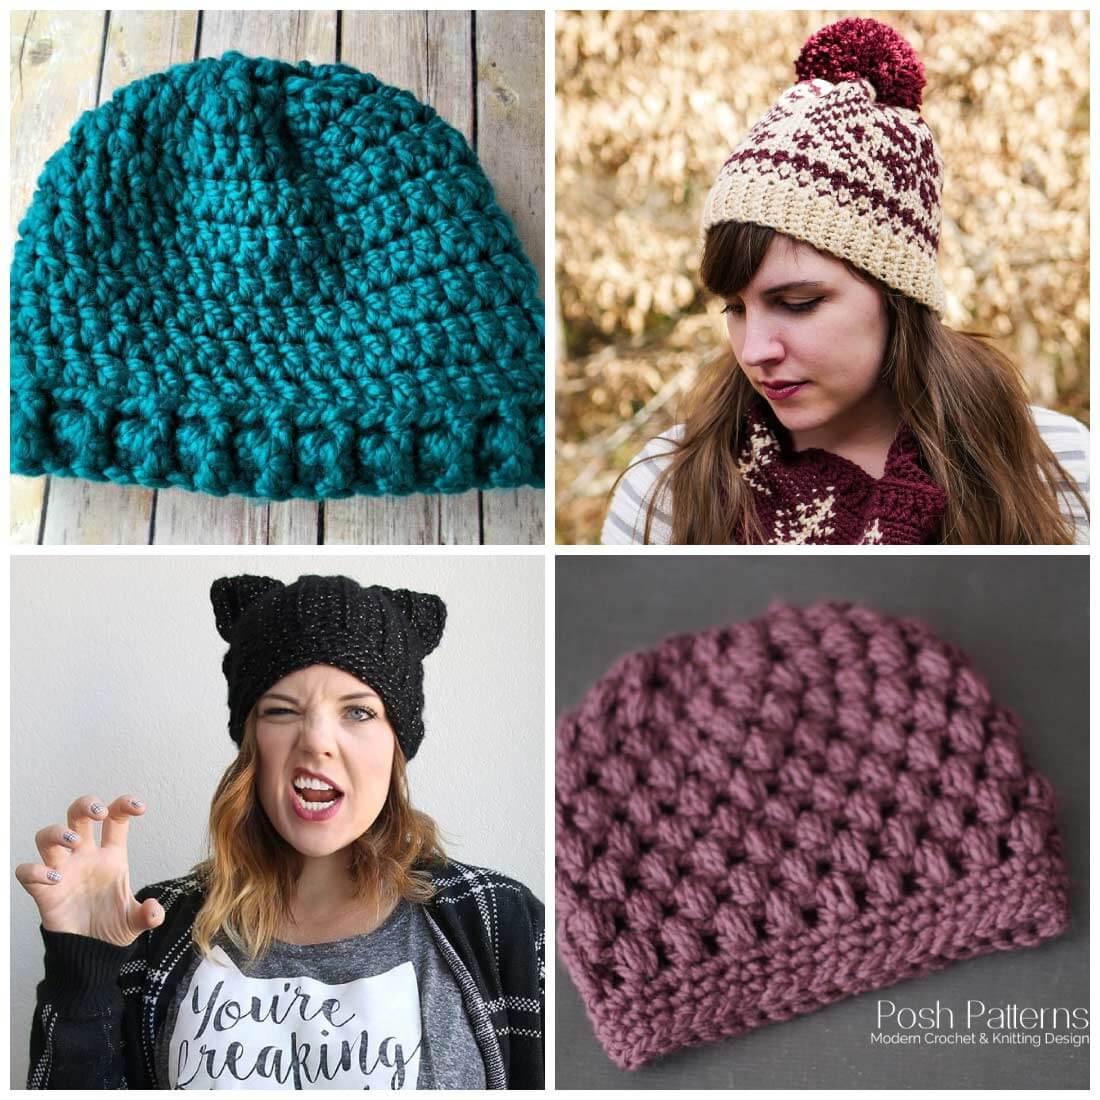 crochet hats free crochet hat patterns | free crochet patterns | crochet patterns | use tamwjgj